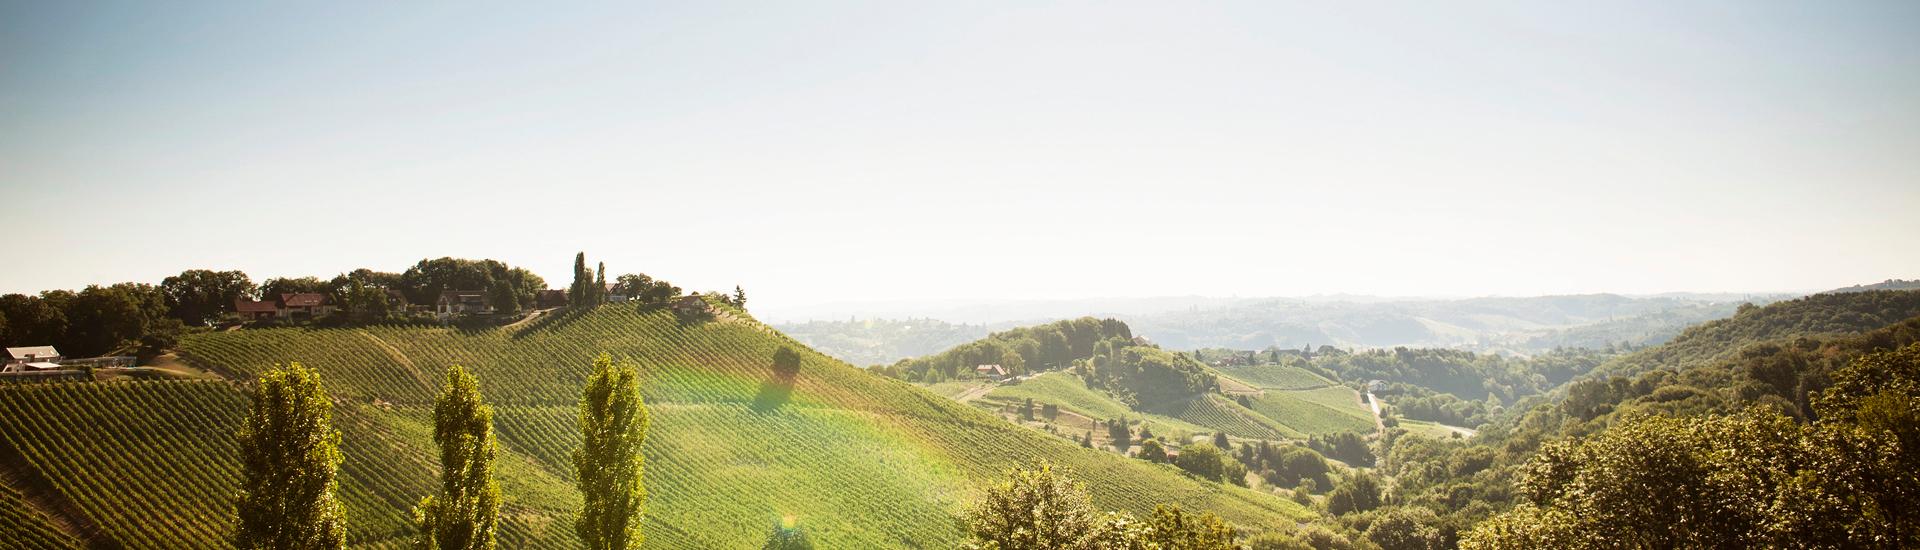 Weine - Rarität des Monats: Sauvignon Blanc Hochgrassnitzberg 2011 06/2018 - Slider